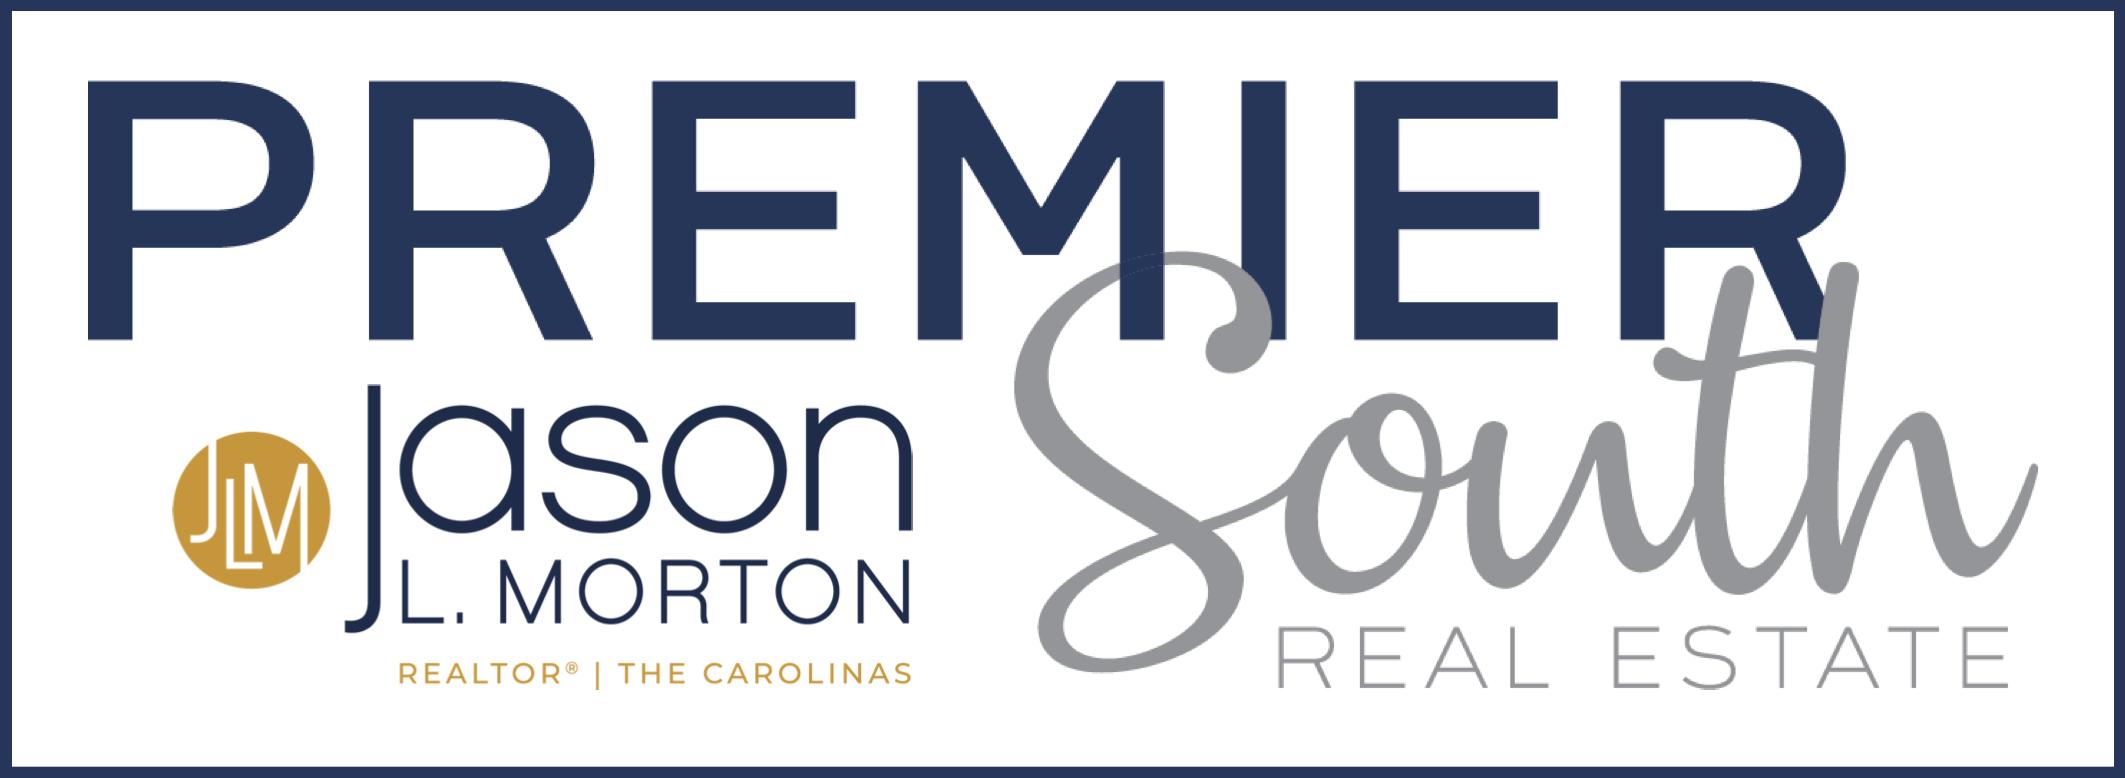 Premier South - Jason Morton Realtor(R)